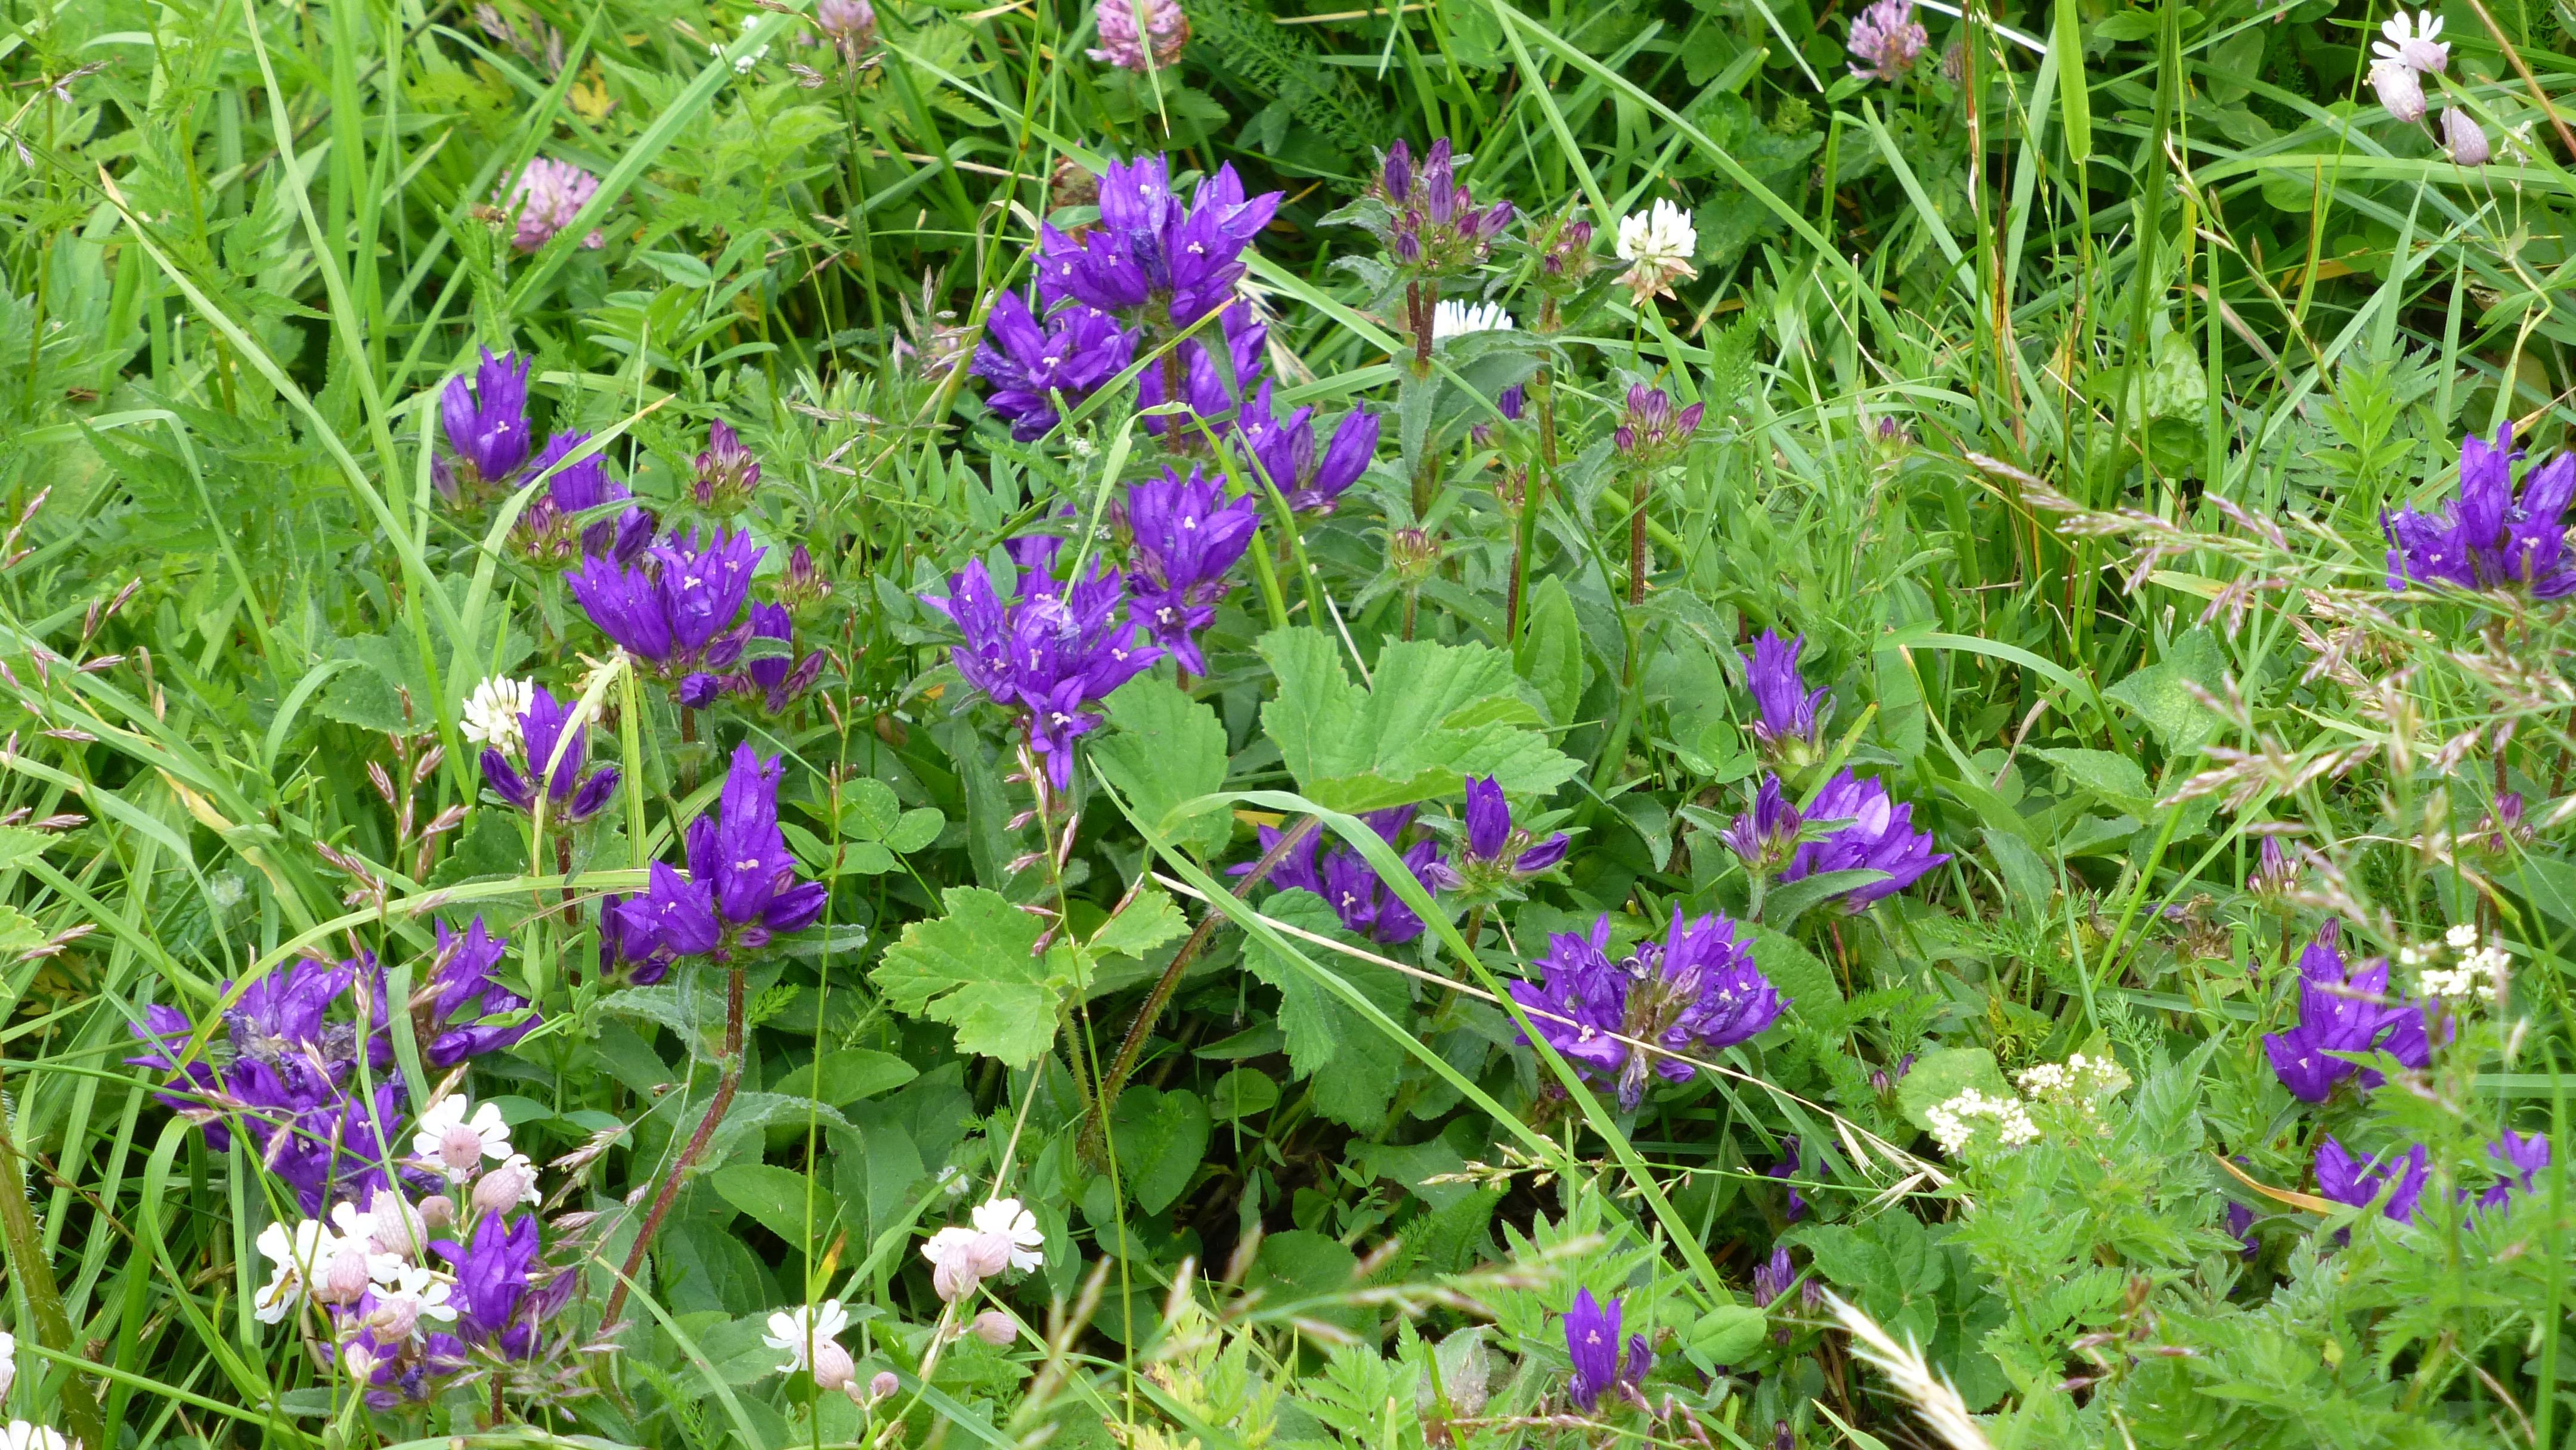 Immagini belle prato fiore erba giardino flora for Pianta fiori viola